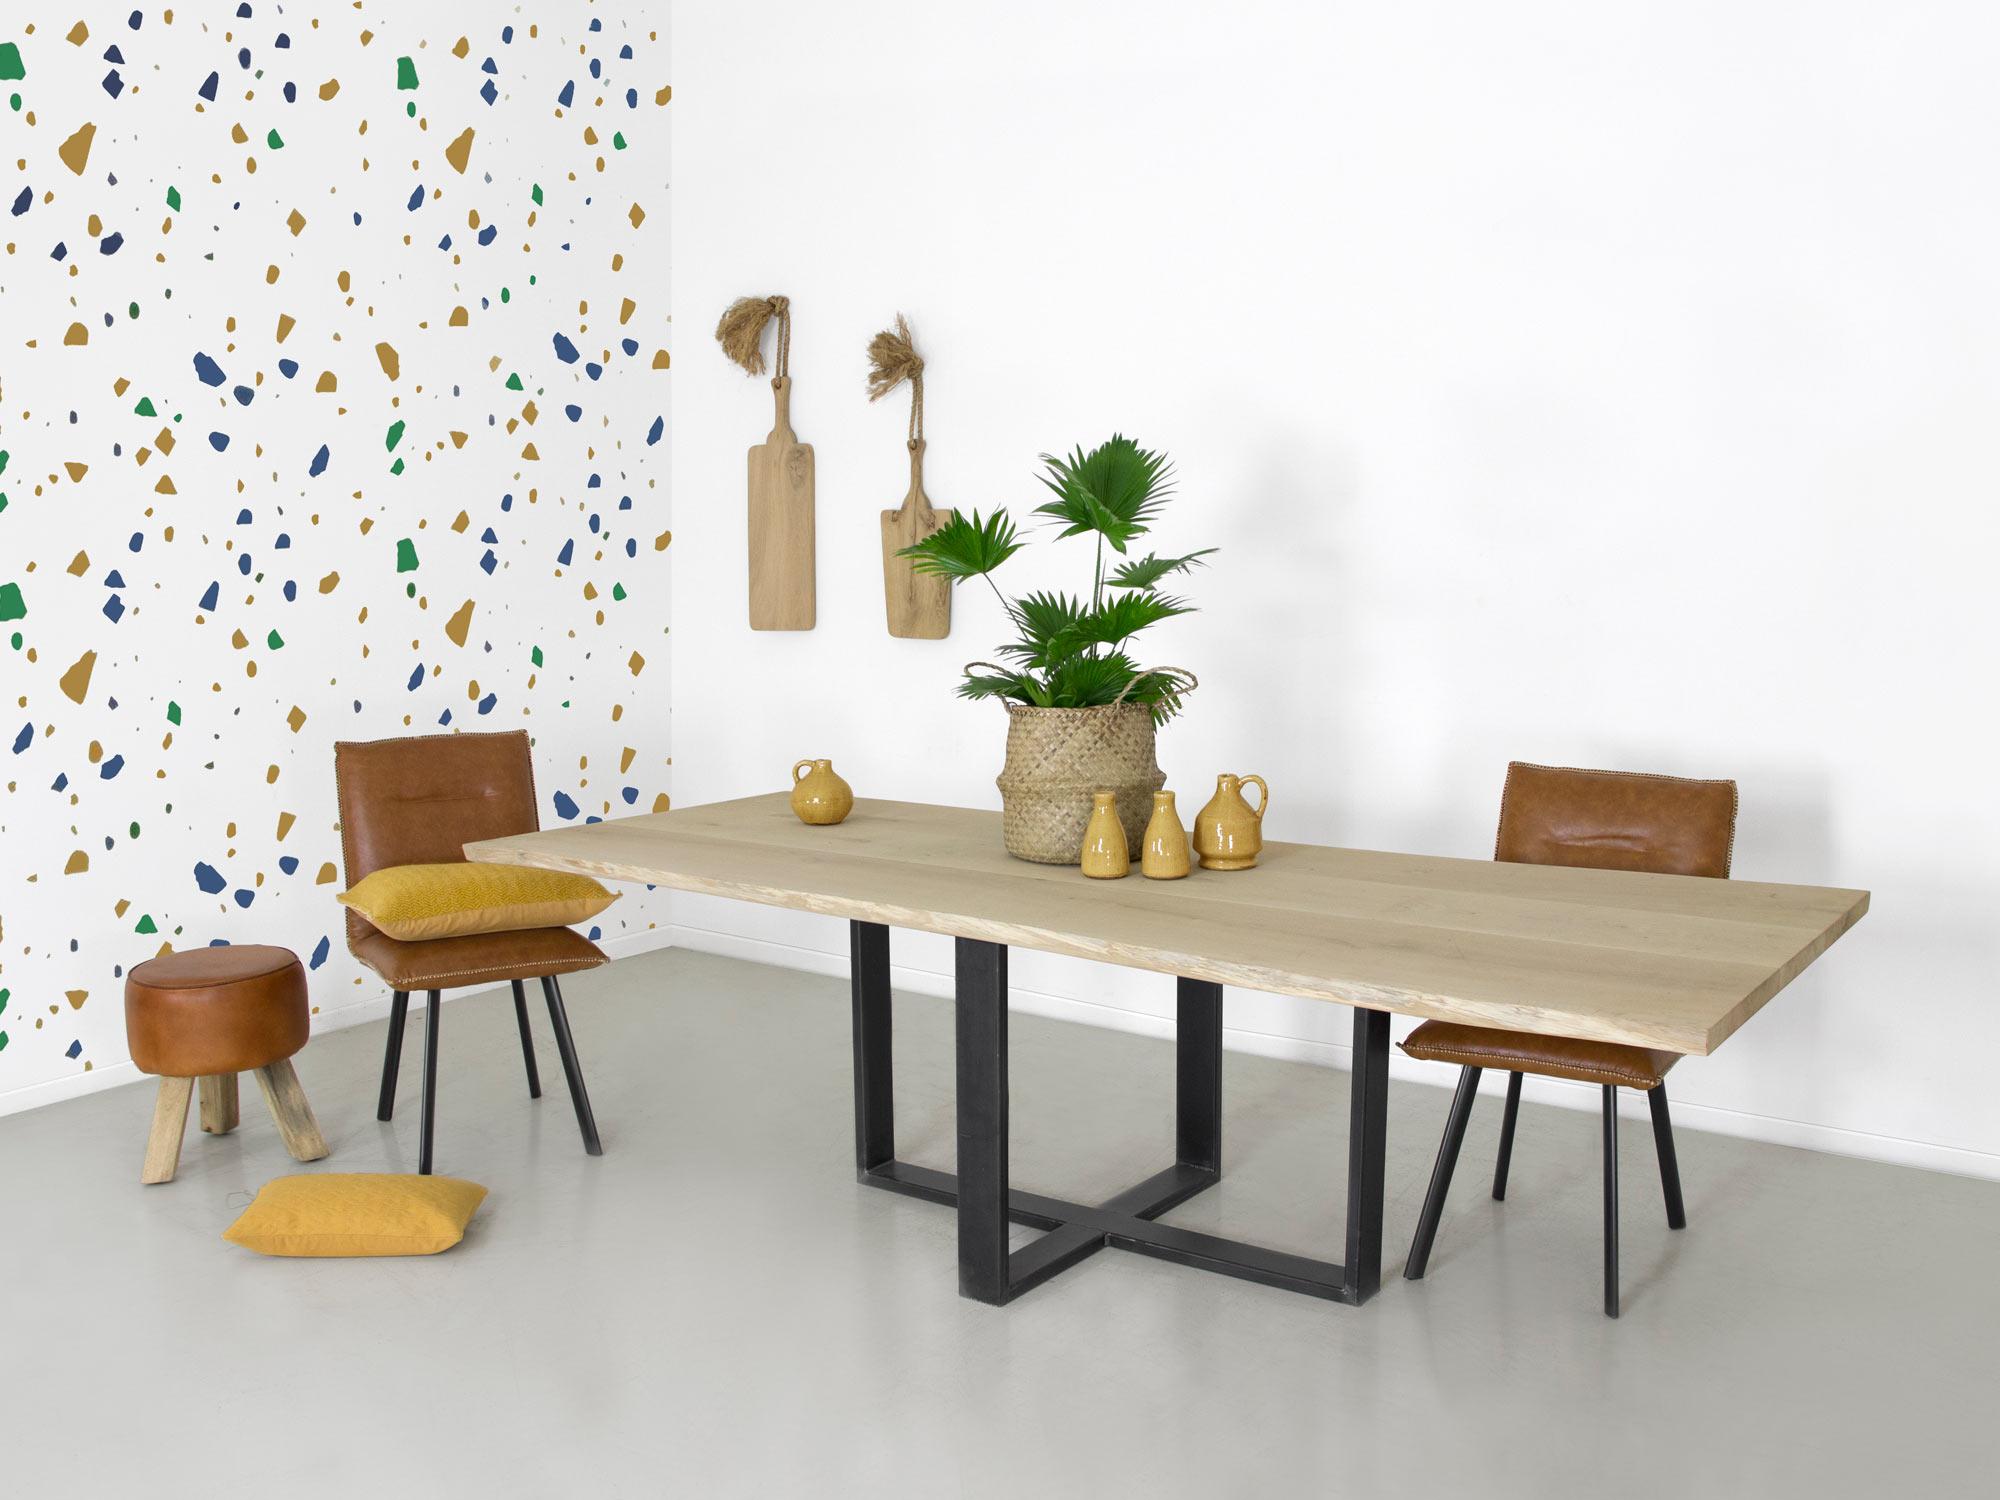 Tafel Van Boomstam : Boomstam tafel duc op maat gemaakt fØrn meubelen